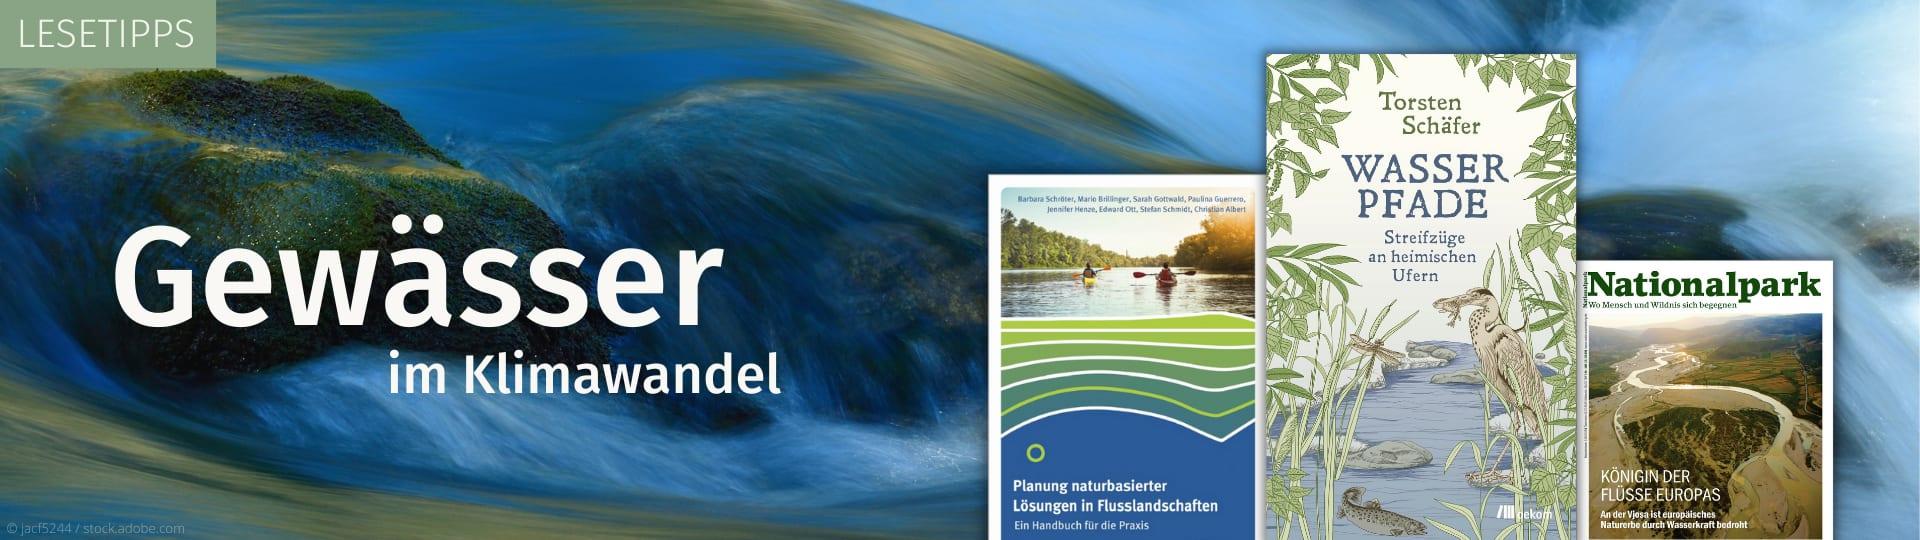 Gewässer im Klimawandel - Lesetipps